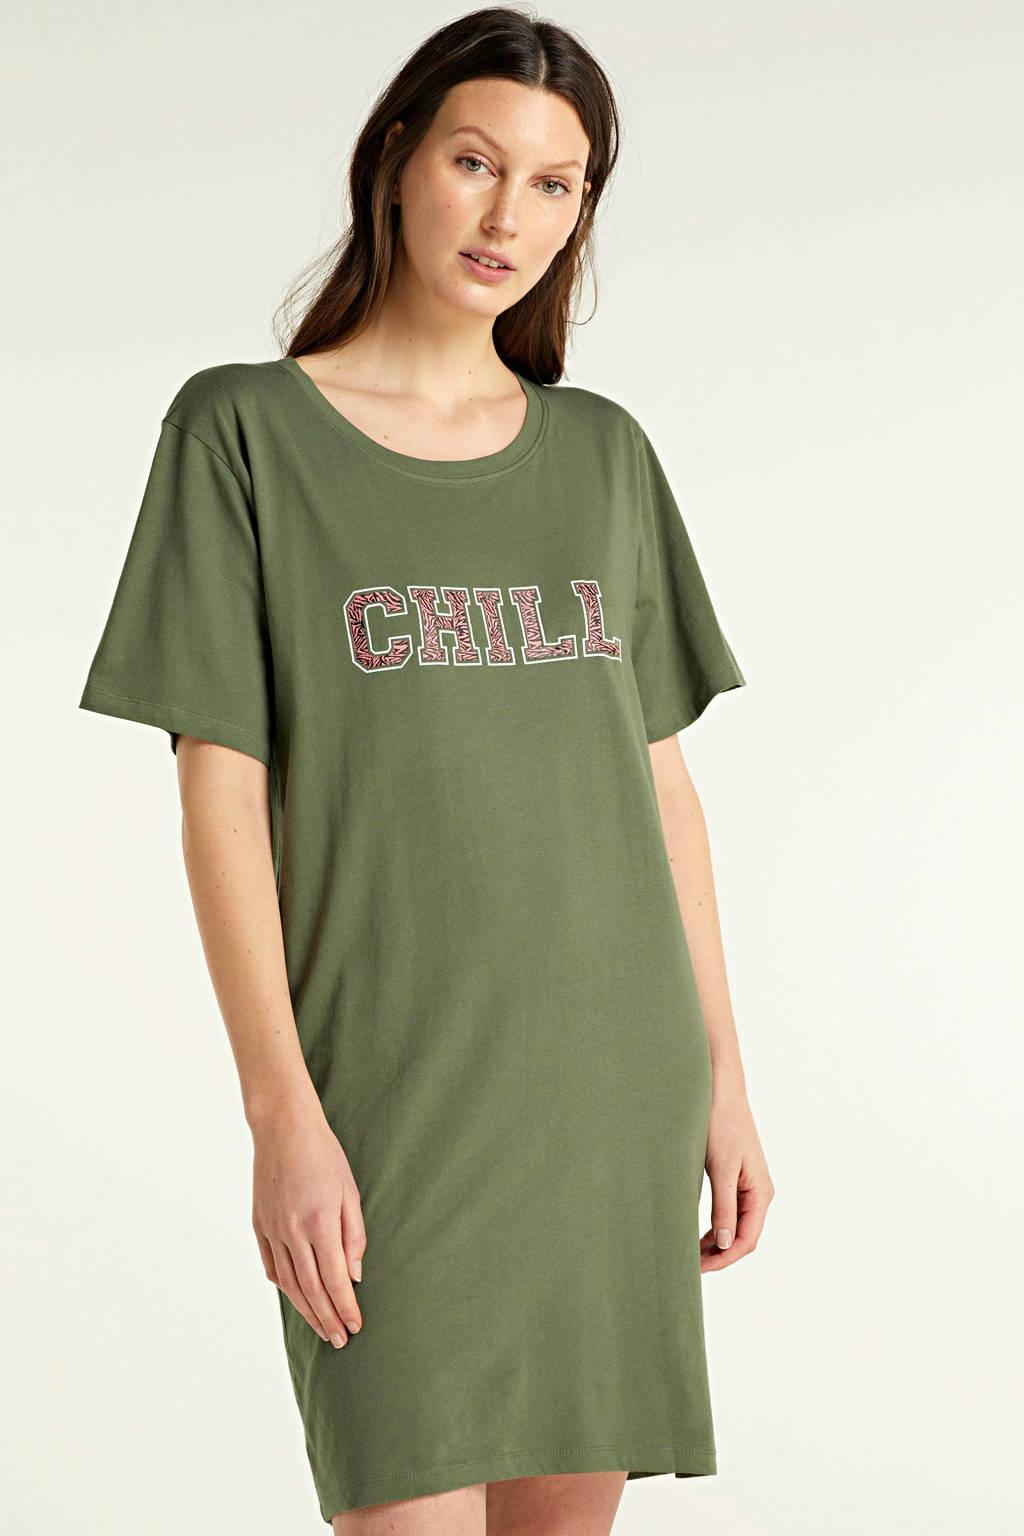 wehkamp nachthemd met all over print (set van 2) roze/groen, Rzoe/groen